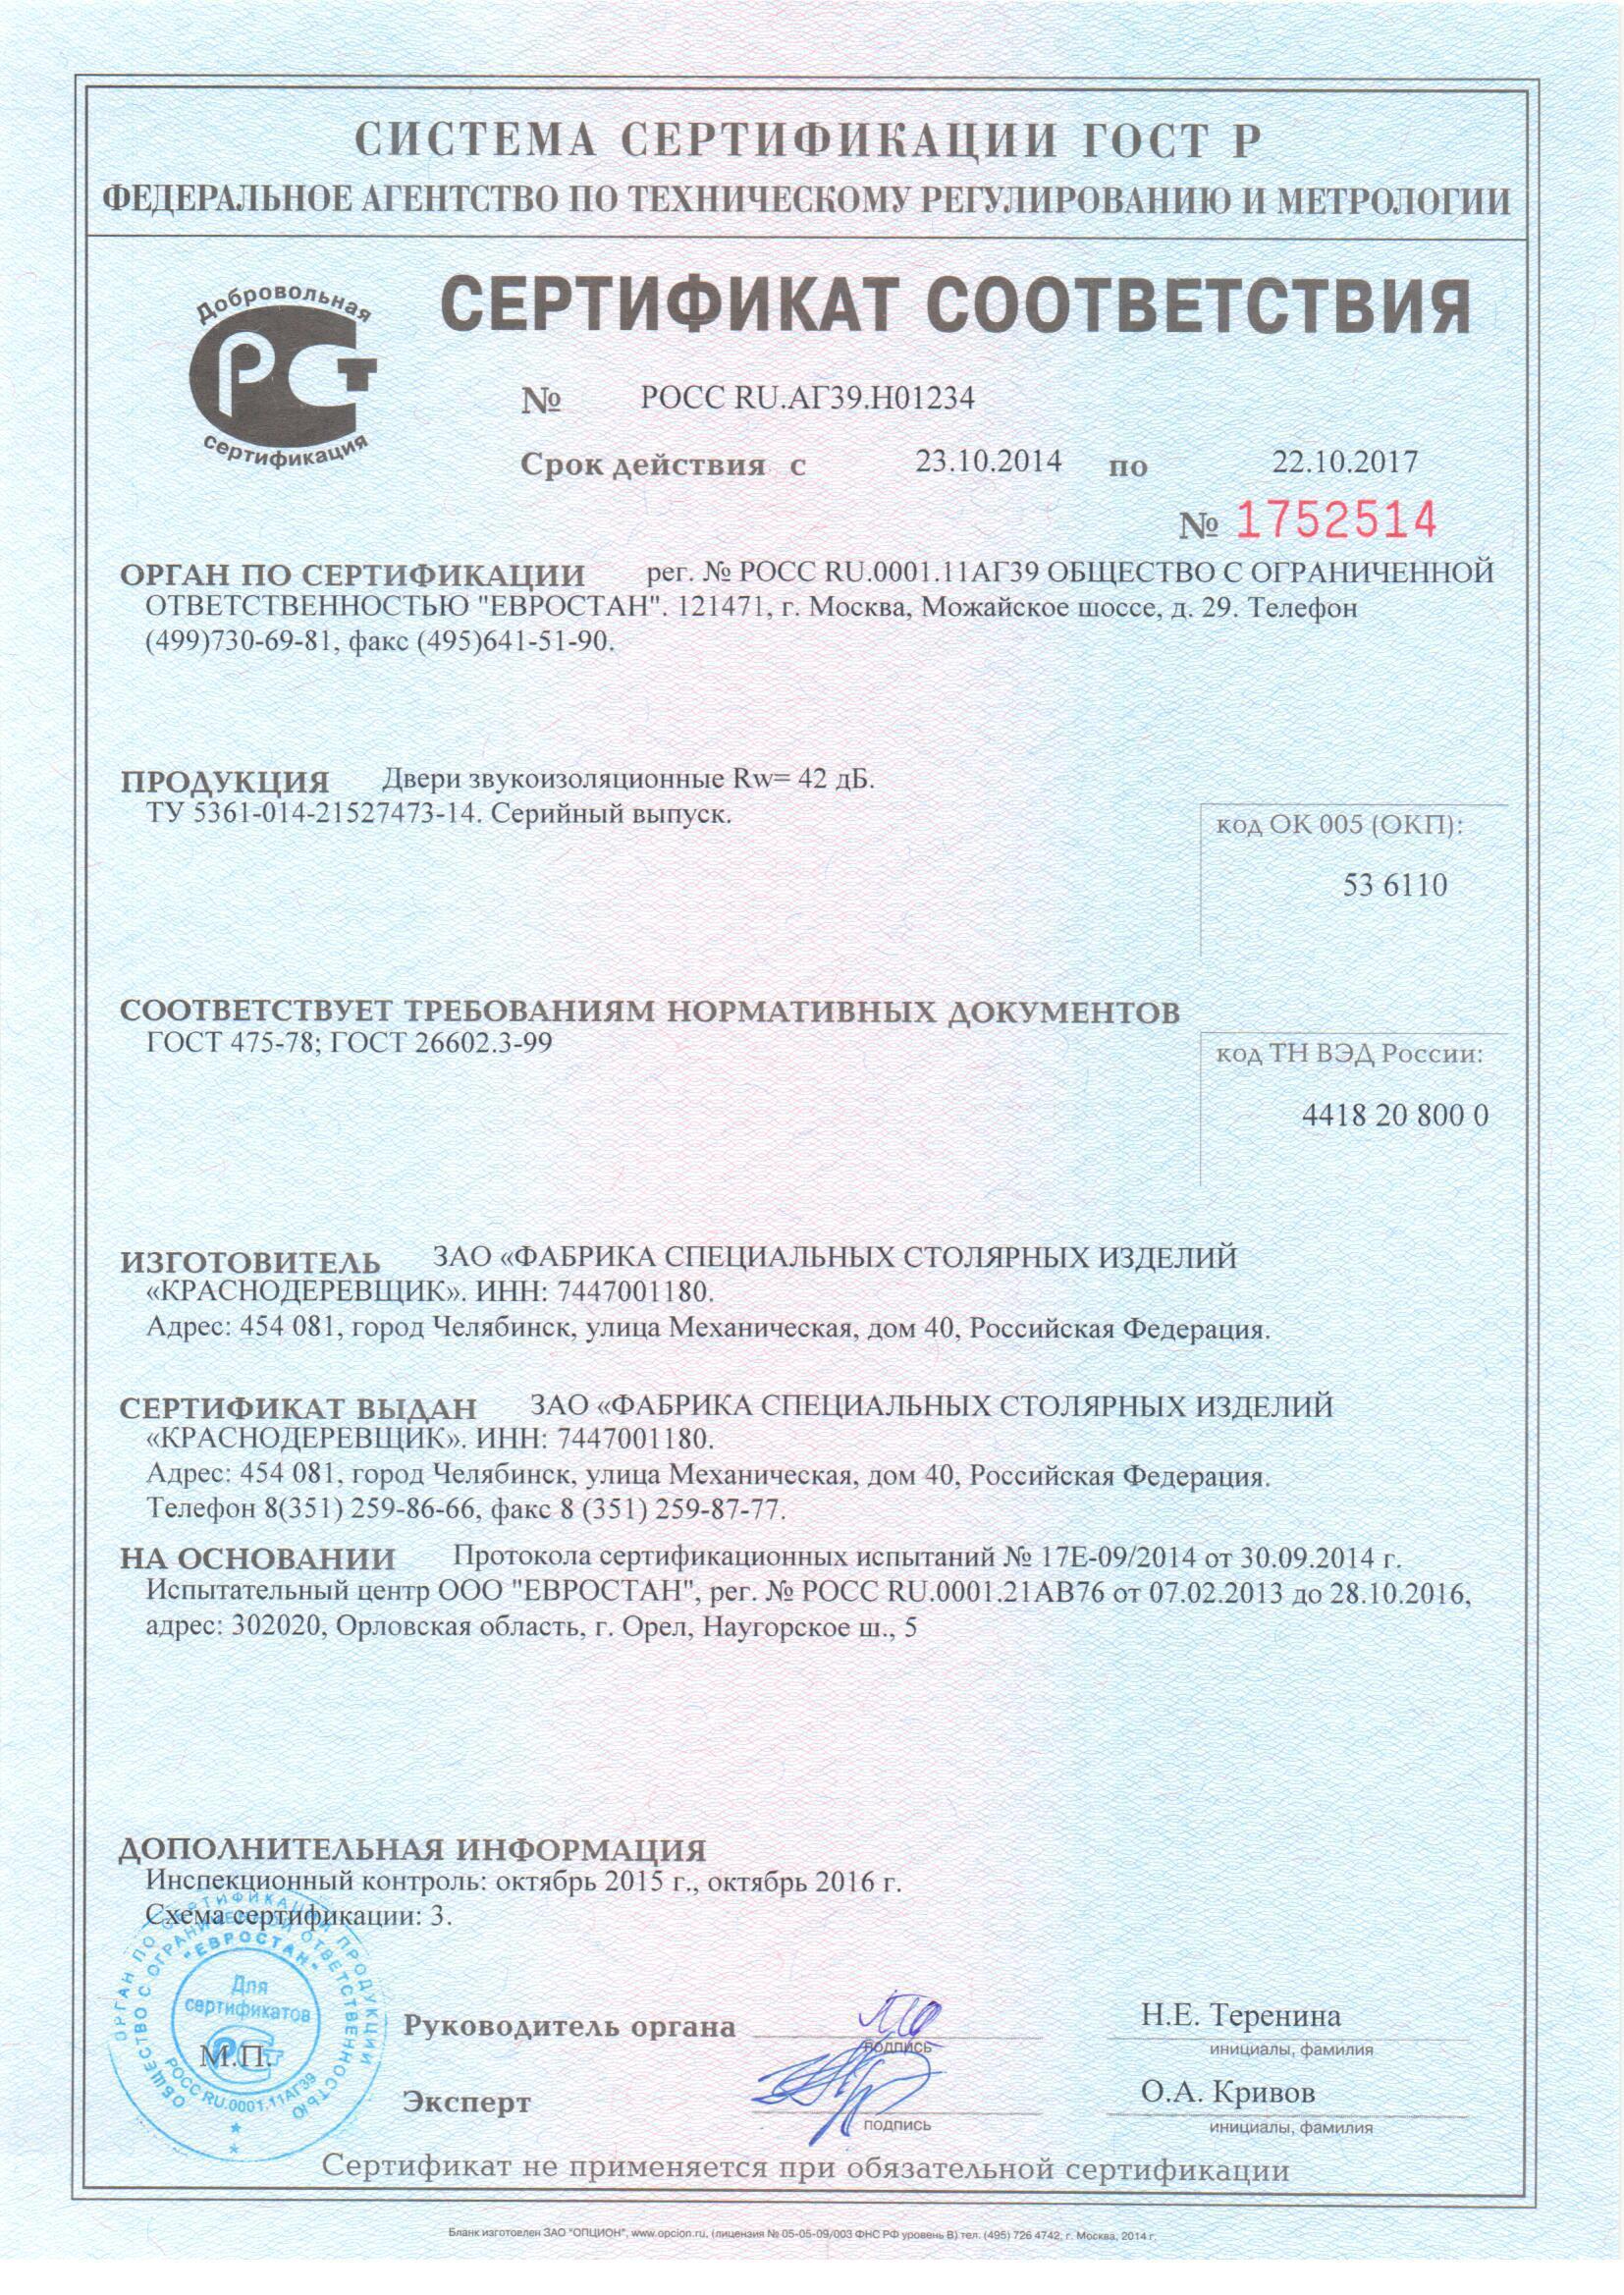 Сертификат на  Уровень звукоизоляции дверей краснодеревщик – RW 42 дБ